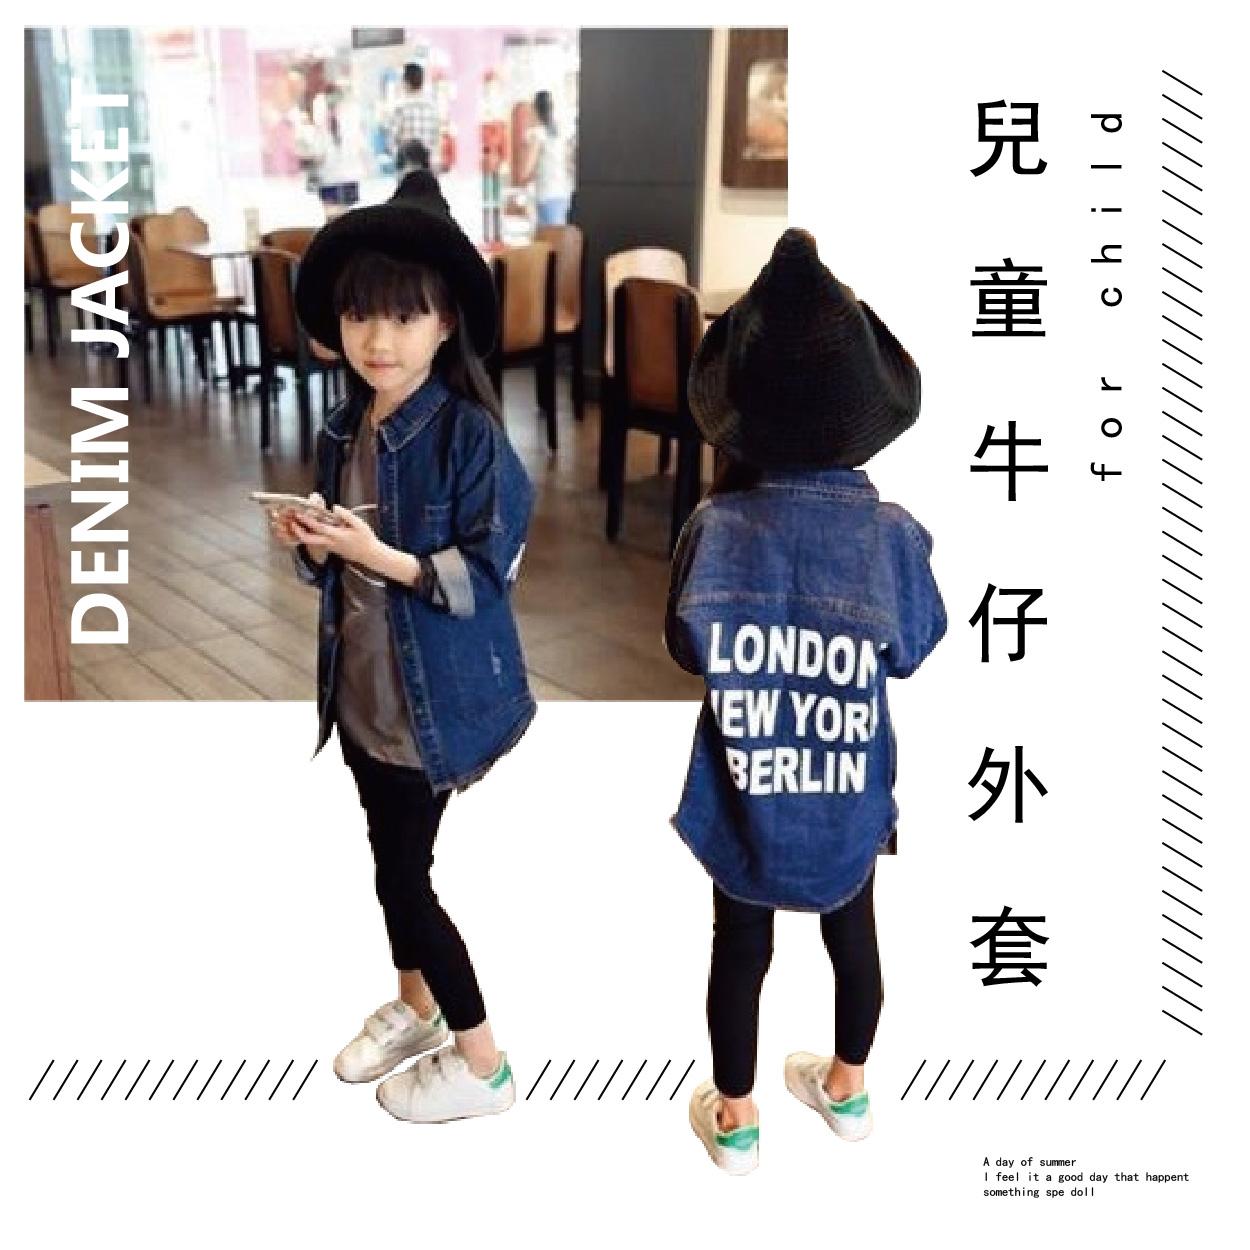 外套 牛仔外套 長板 襯衫 NEW 秋冬 韓國 不分男女 長板衣 寶貝童衣